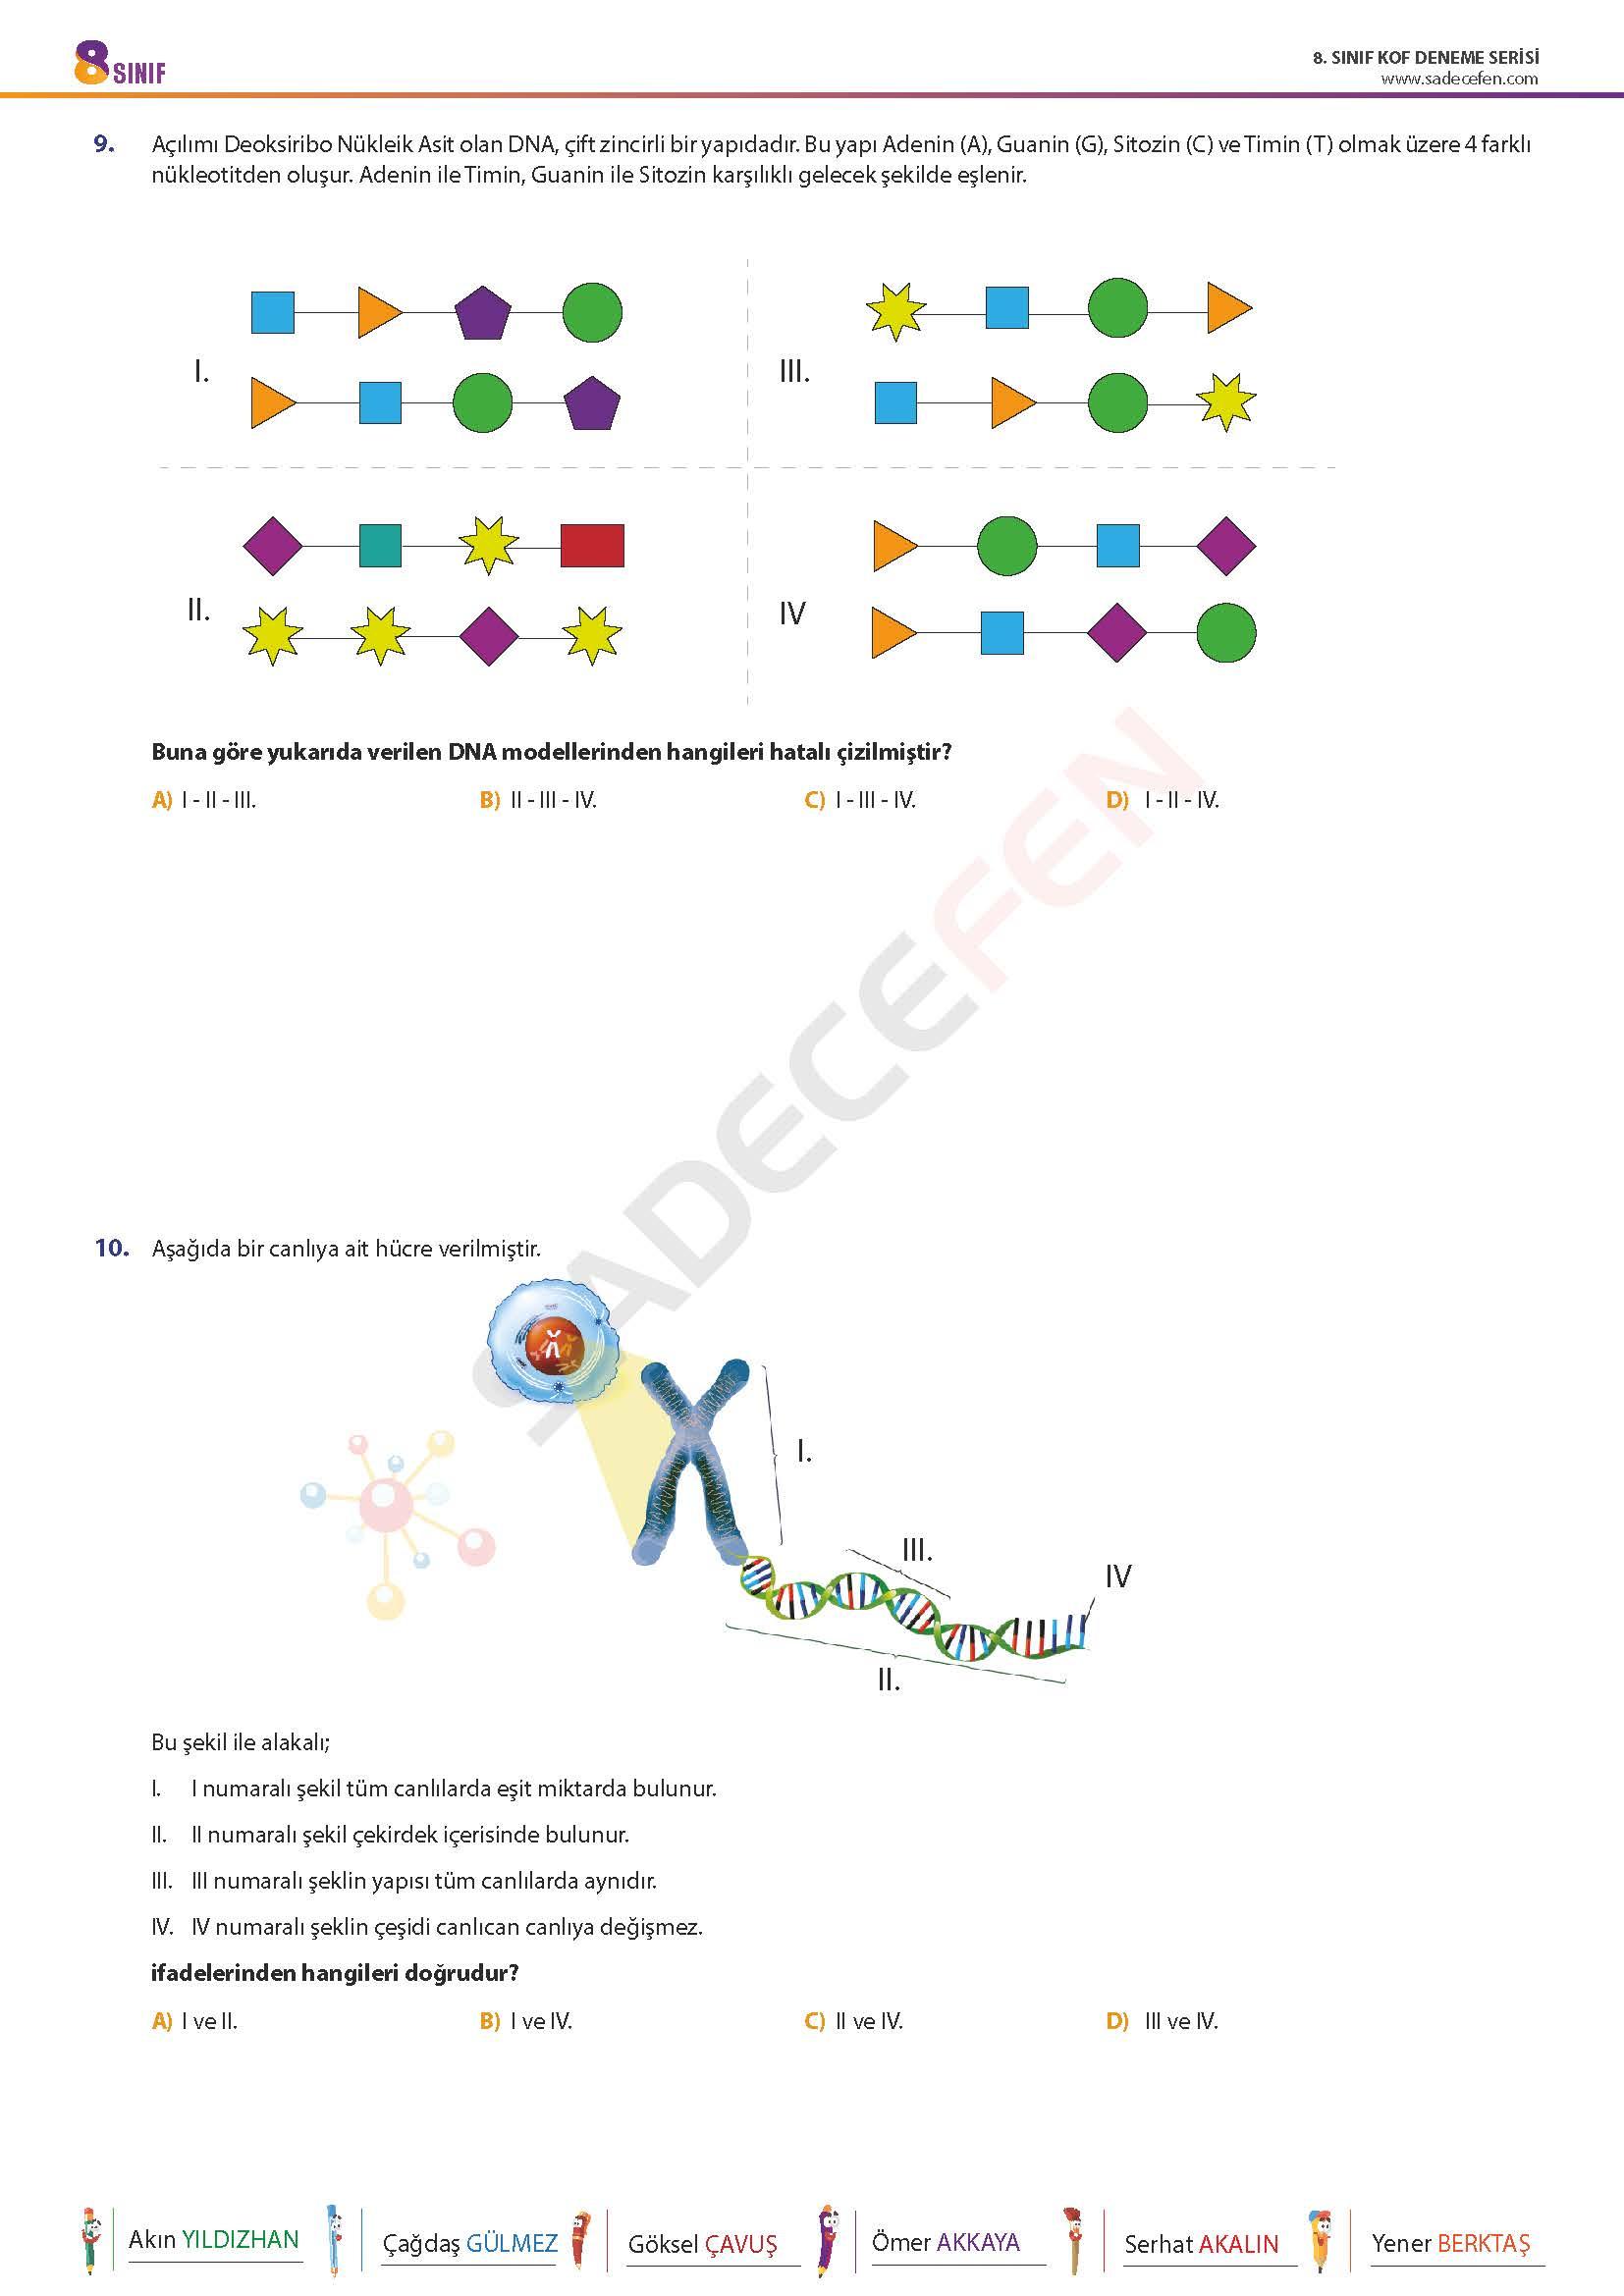 8. Sınıf LGS Fen Bilimleri Denemesi 3 – Sadecefen